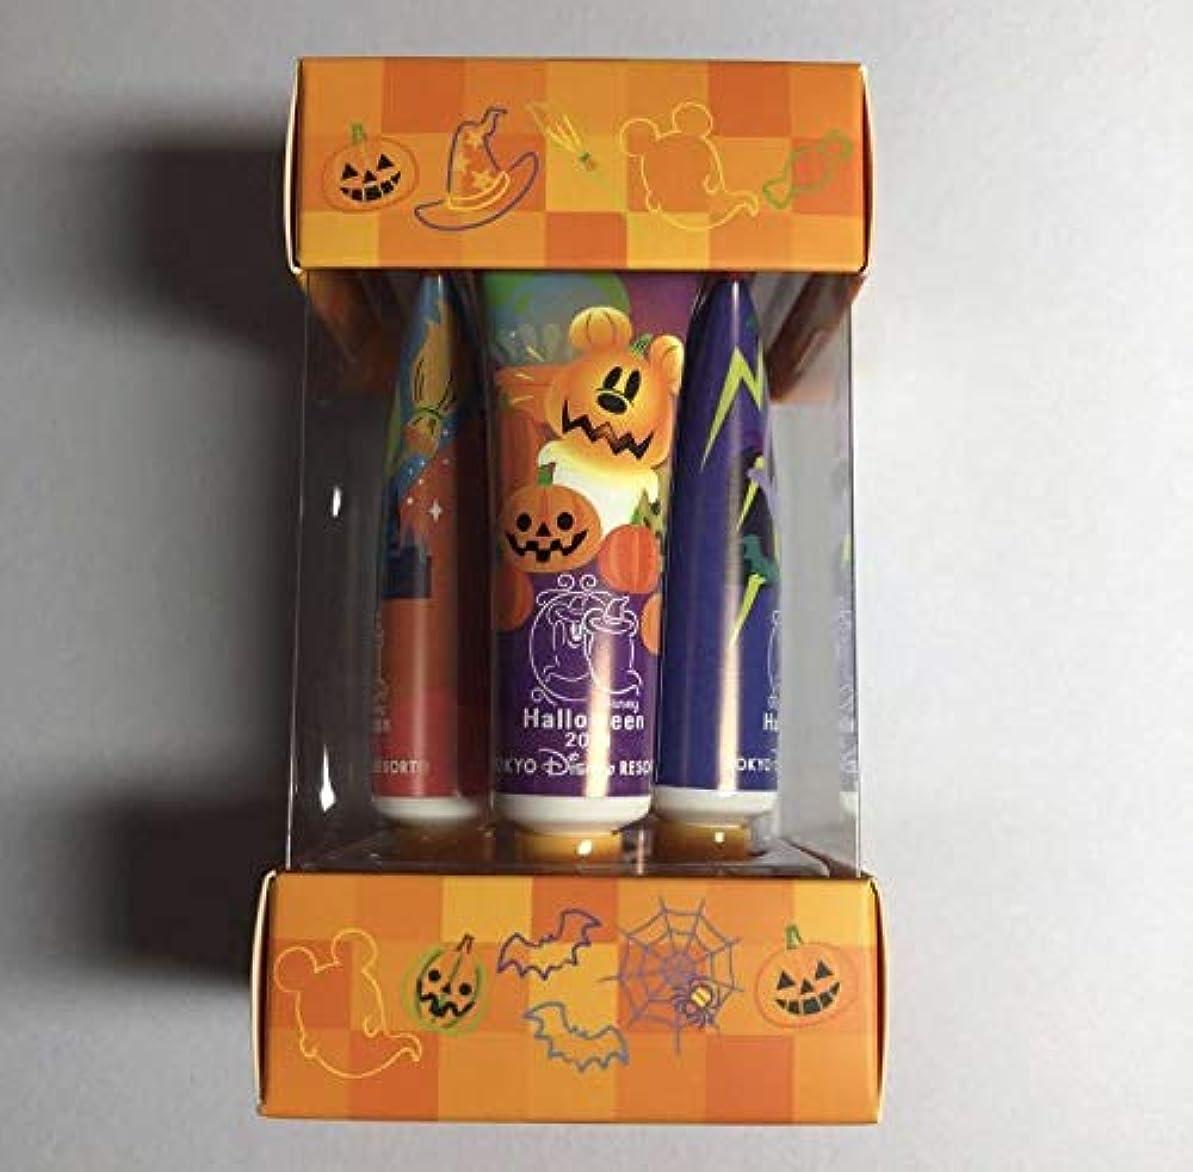 答え協力するパッケージディズニー ハロウィン2019 ハロウィーン おばけ ハンドクリーム 4個入り